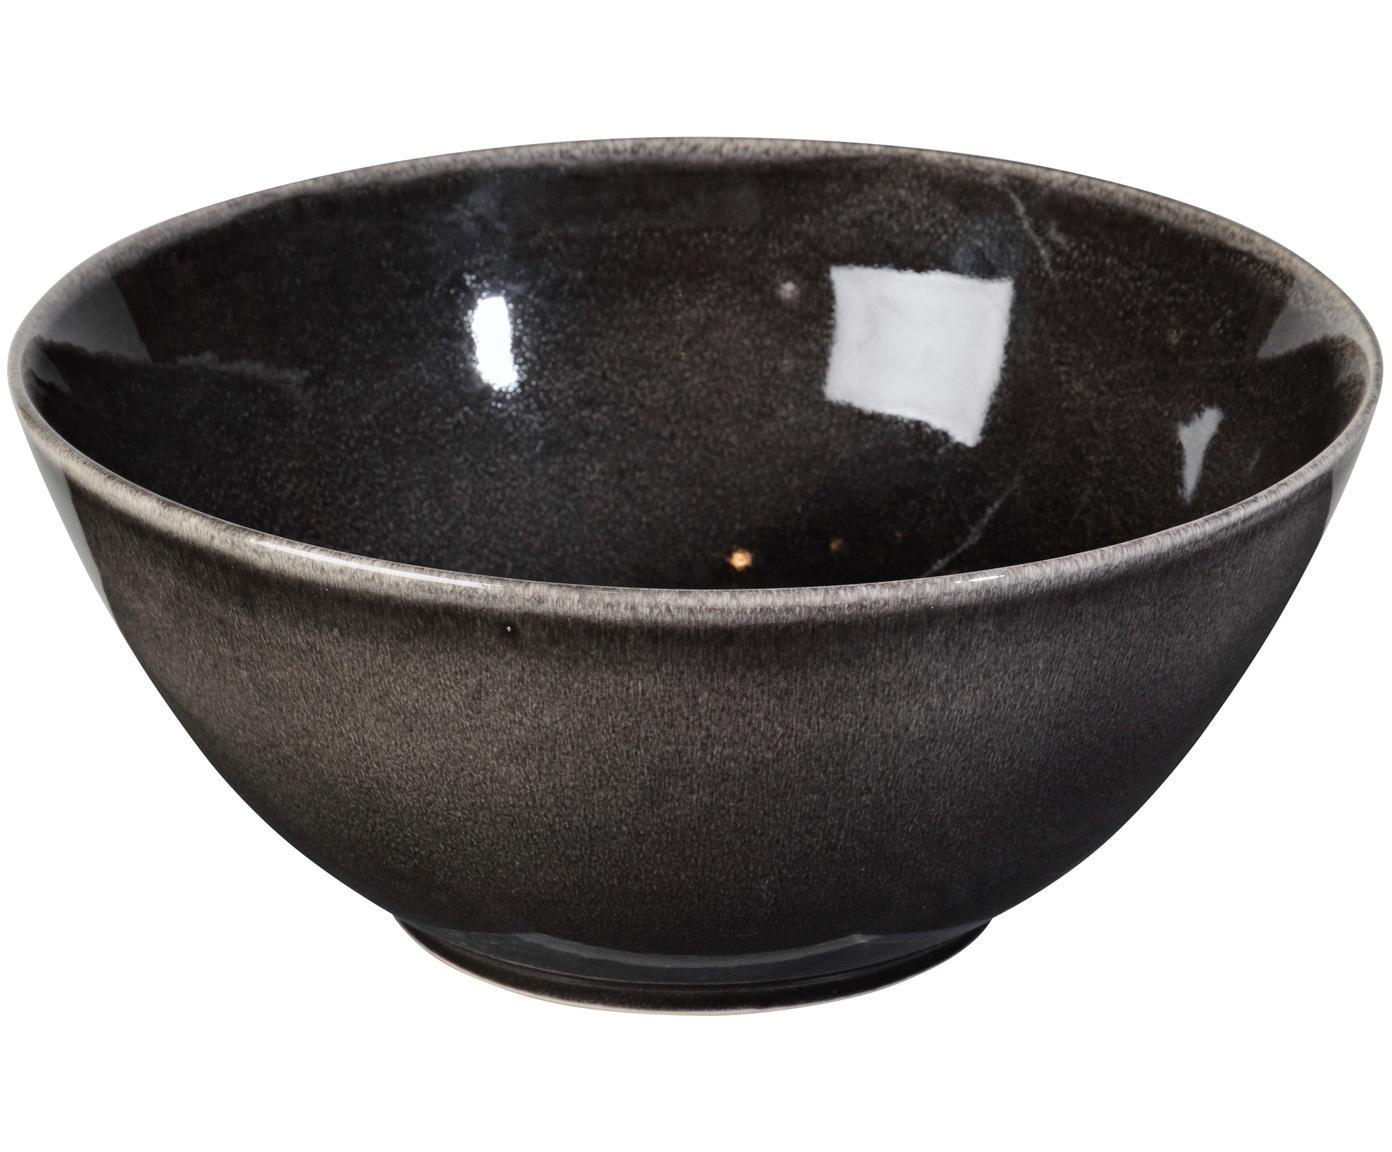 Handgemaakte serveerschotel Nordic Coal, Keramiek, Bruin, Ø 25 x H 11 cm